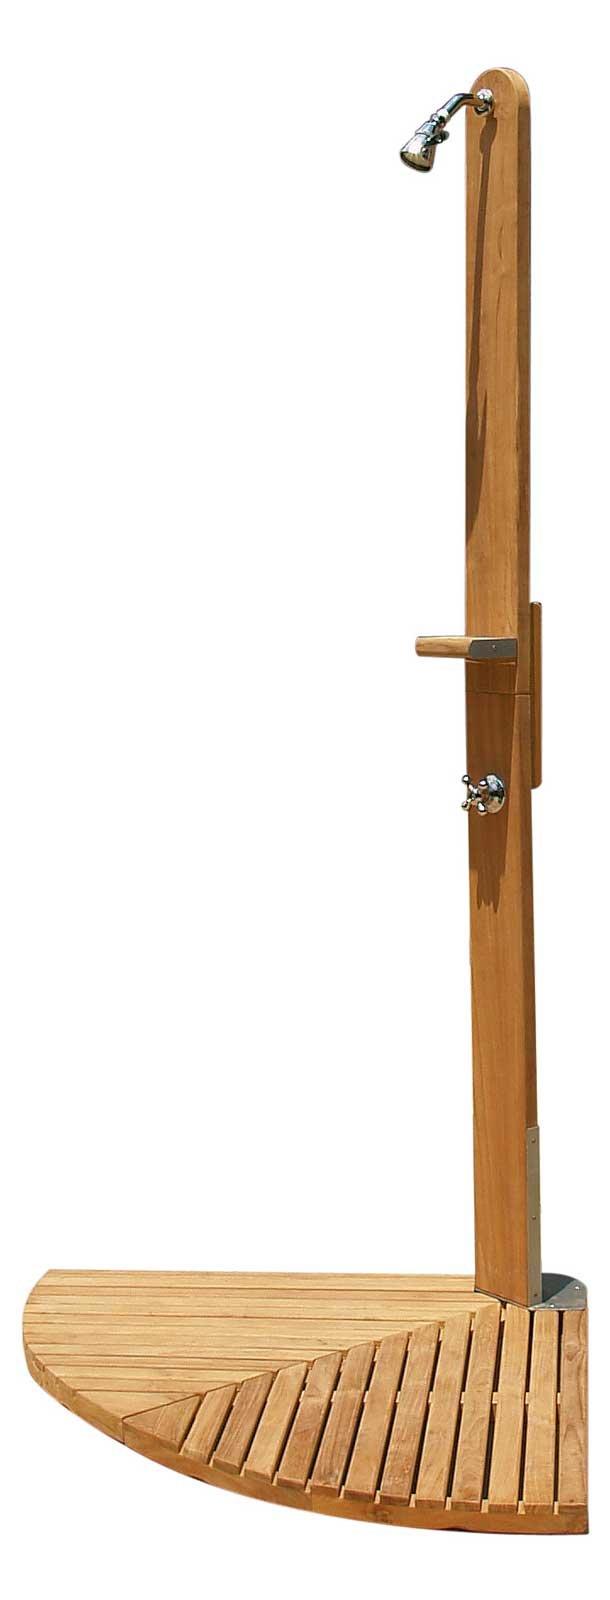 Doccia legno esterno idee creative di interni e mobili - Mobili in legno da esterno ...